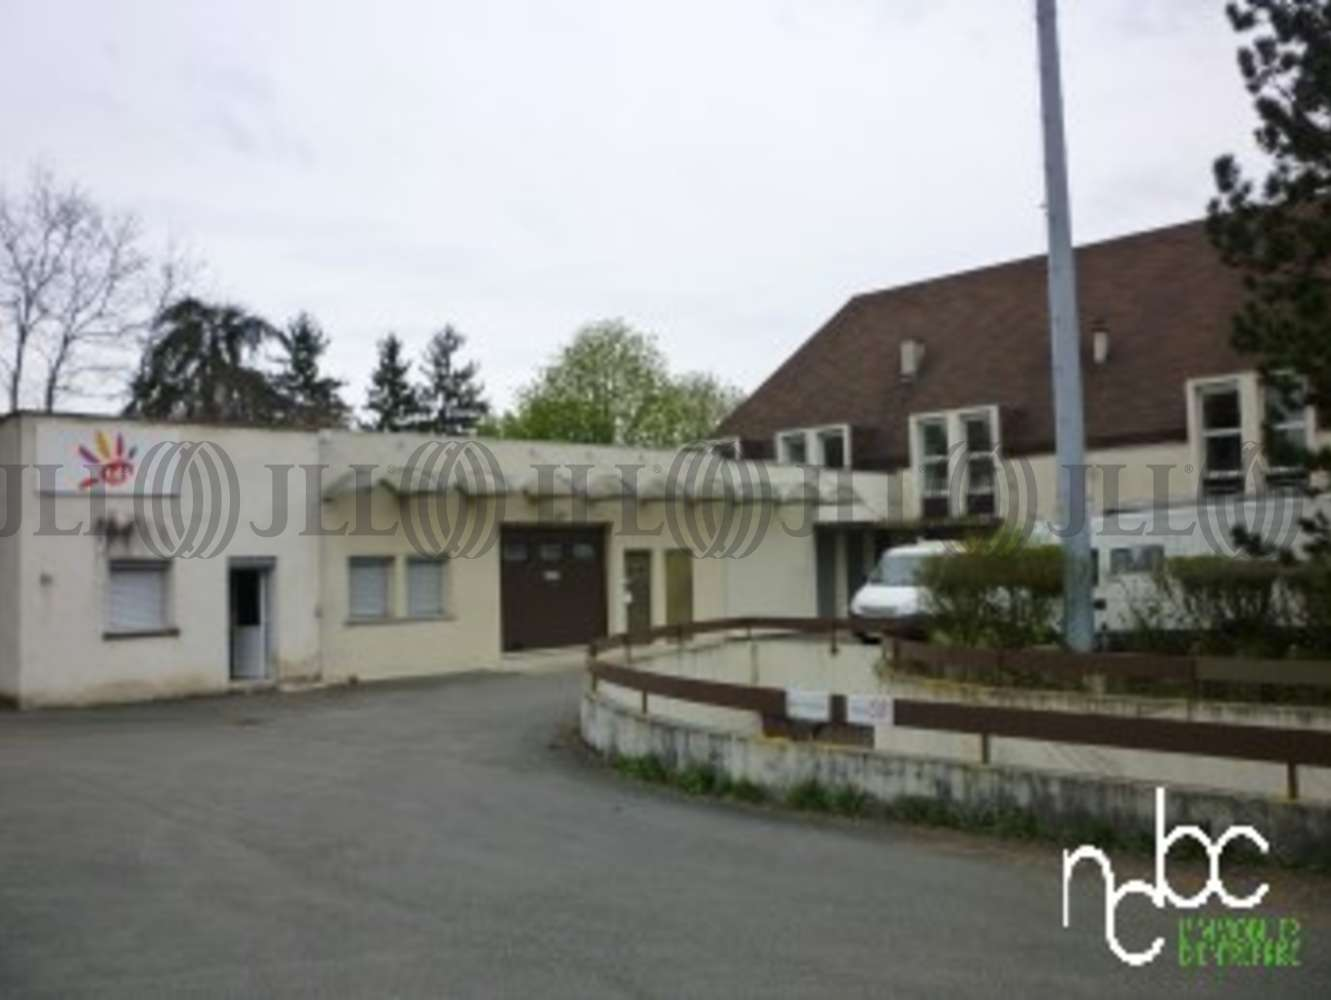 Activités/entrepôt Nuits st georges, 21700 - BUREAUX/ACTIVITÉ